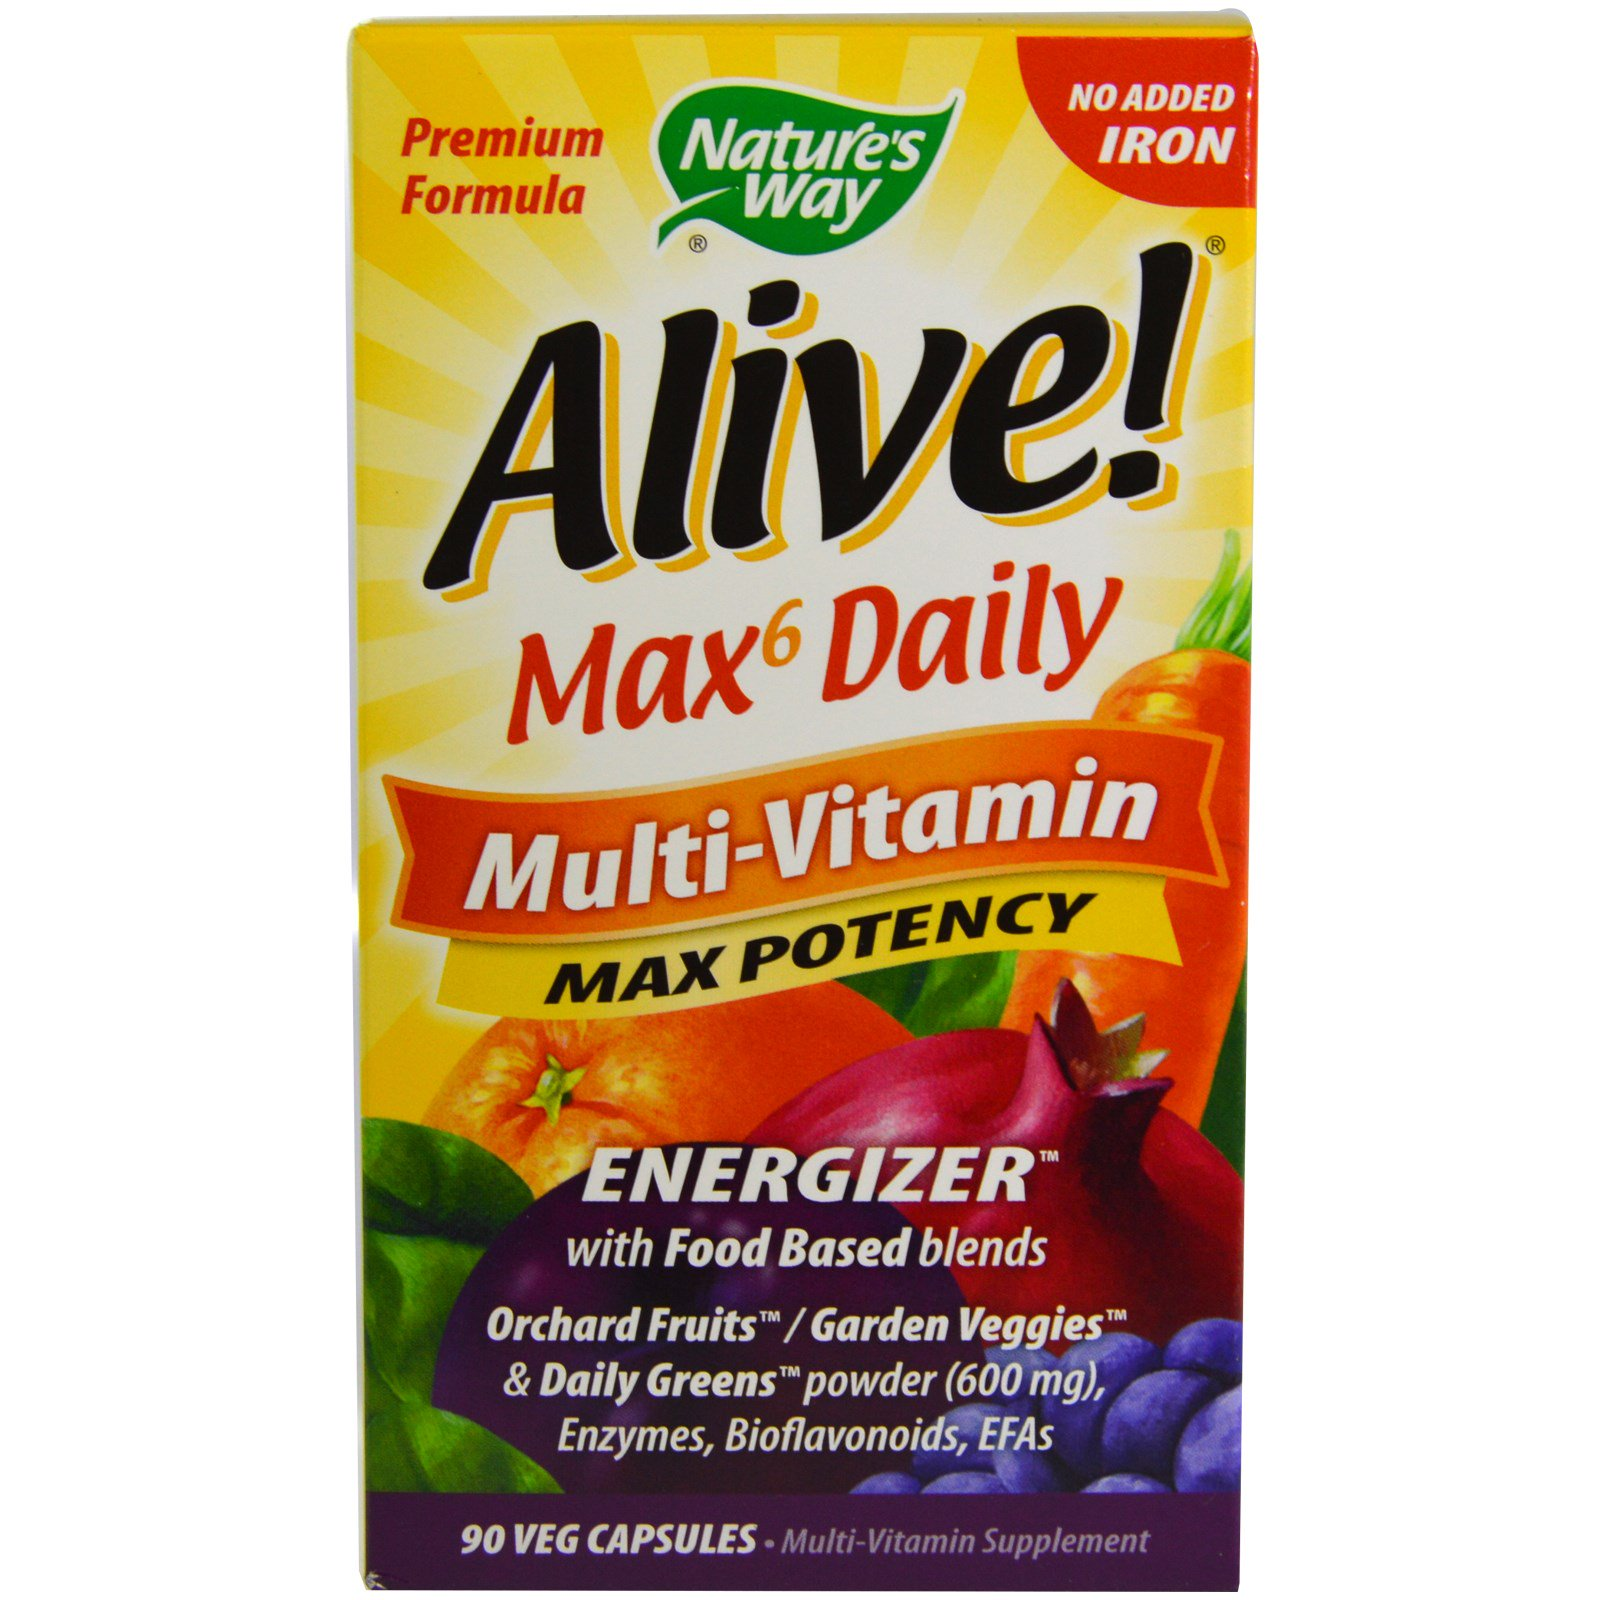 naturens måde i live fuld mad energizer multivitamin maks potency